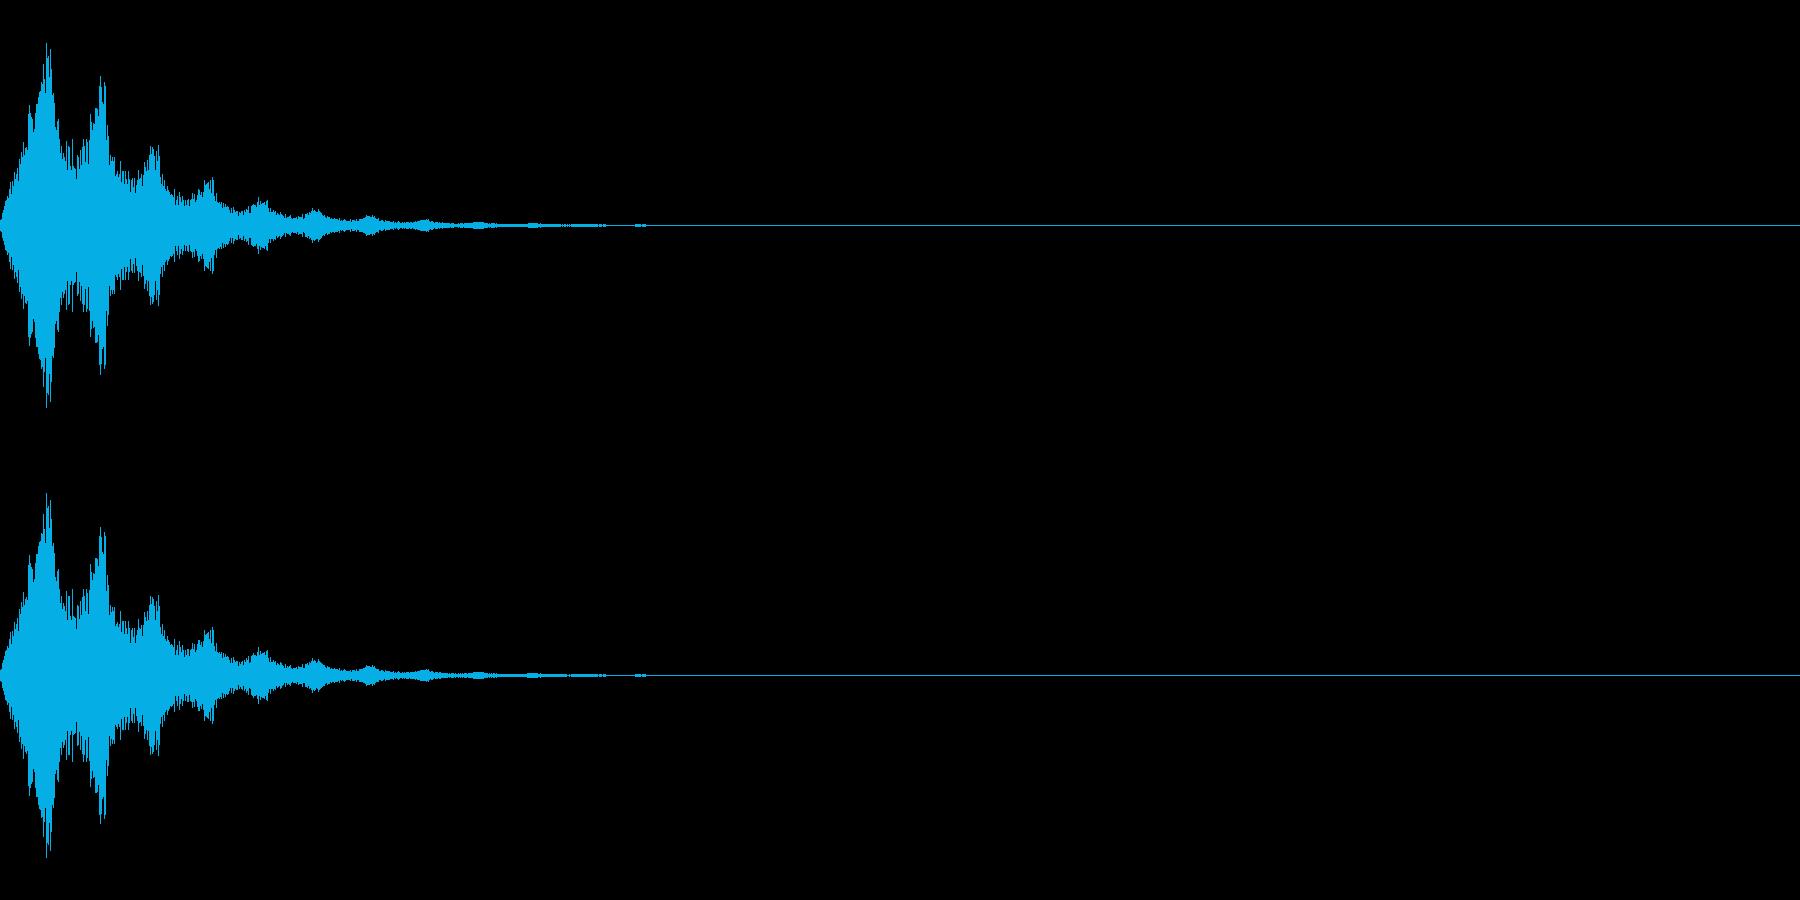 ワープ/転送装置/瞬間移動/SFの再生済みの波形